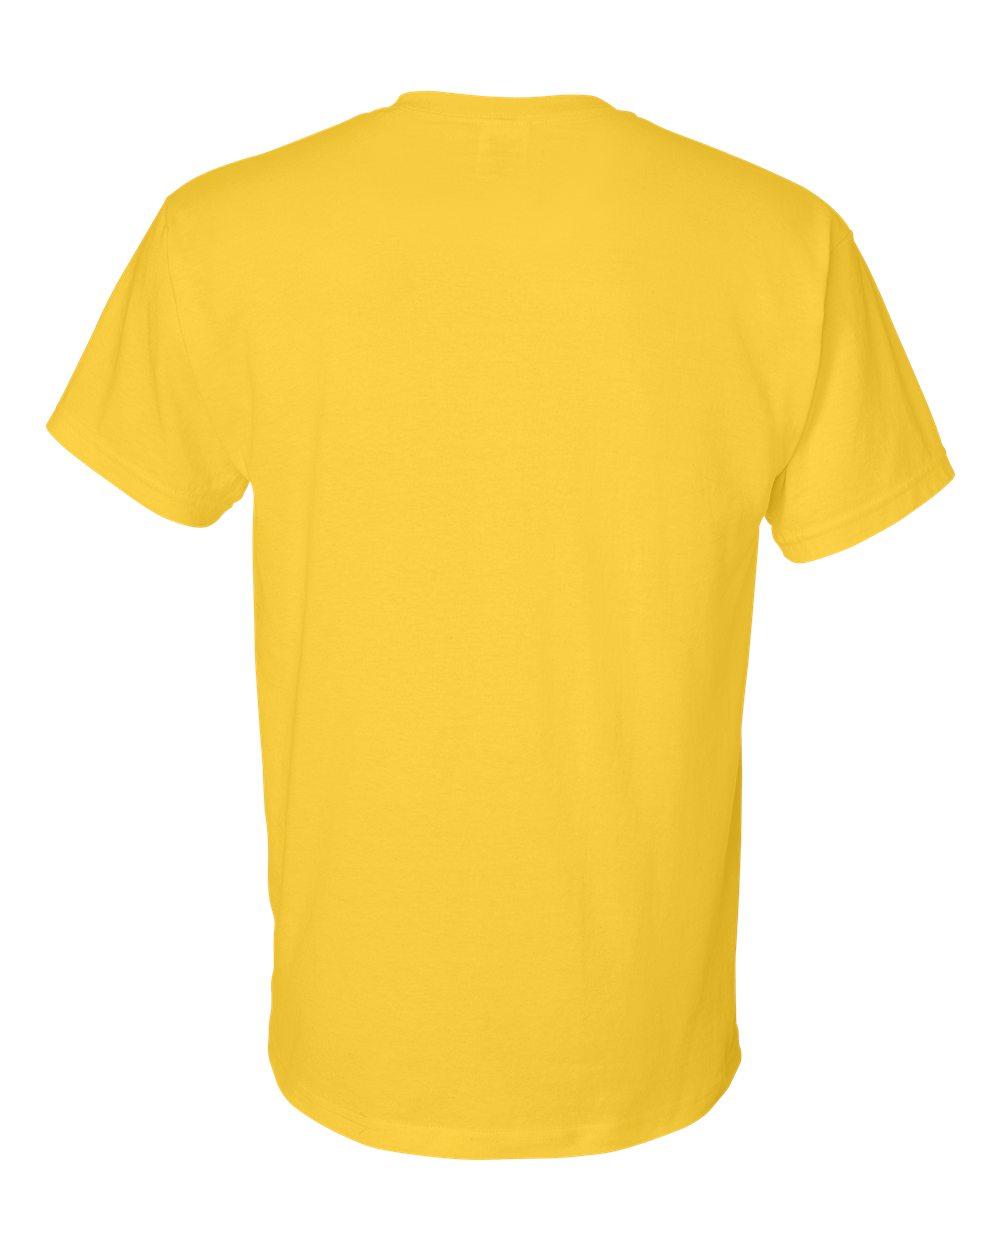 Gildan-Mens-DryBlend-5-6-oz-50-50-T-Shirt-G800-Size-S-5XL thumbnail 18